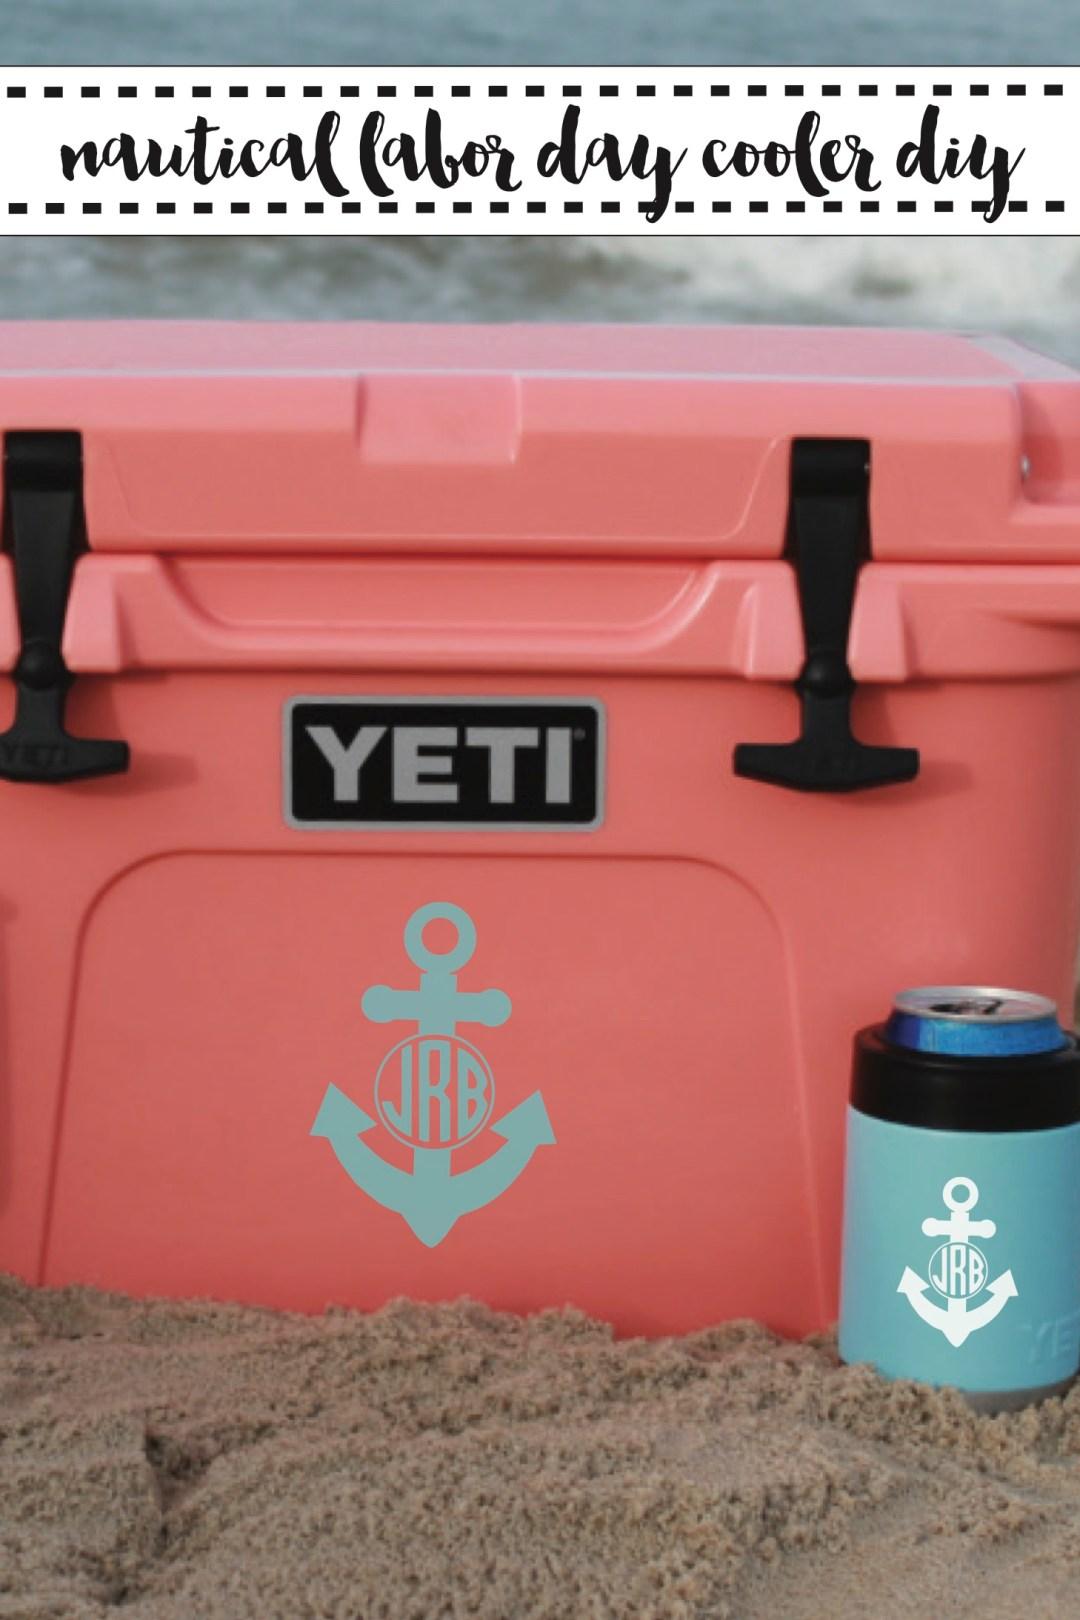 Yeti Beach Cooler